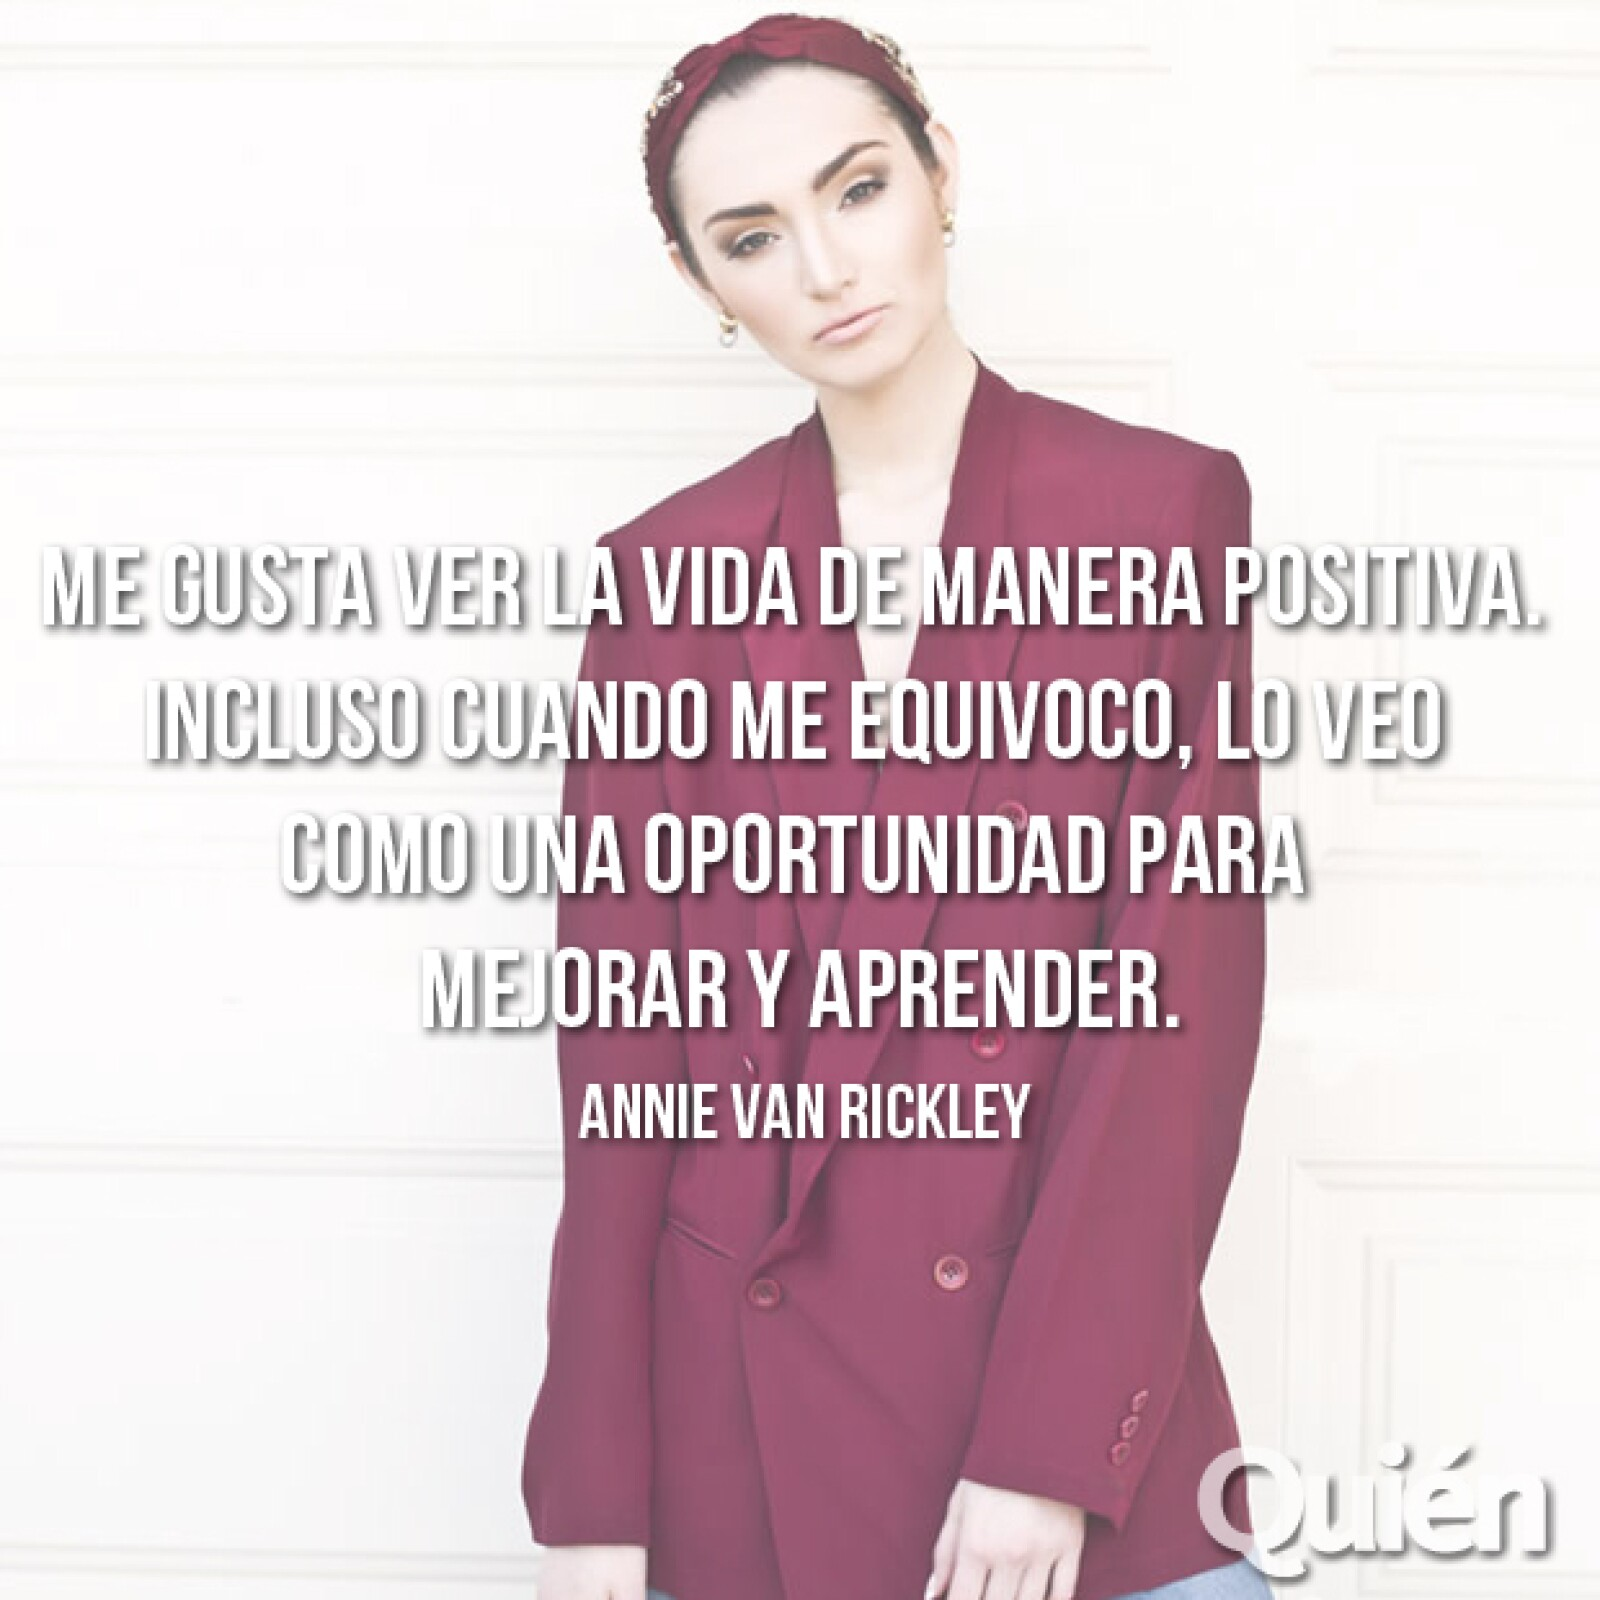 Annie Van Rickley, modelo. Considerada internacionalmente como la Linda Evangelista mexicana.